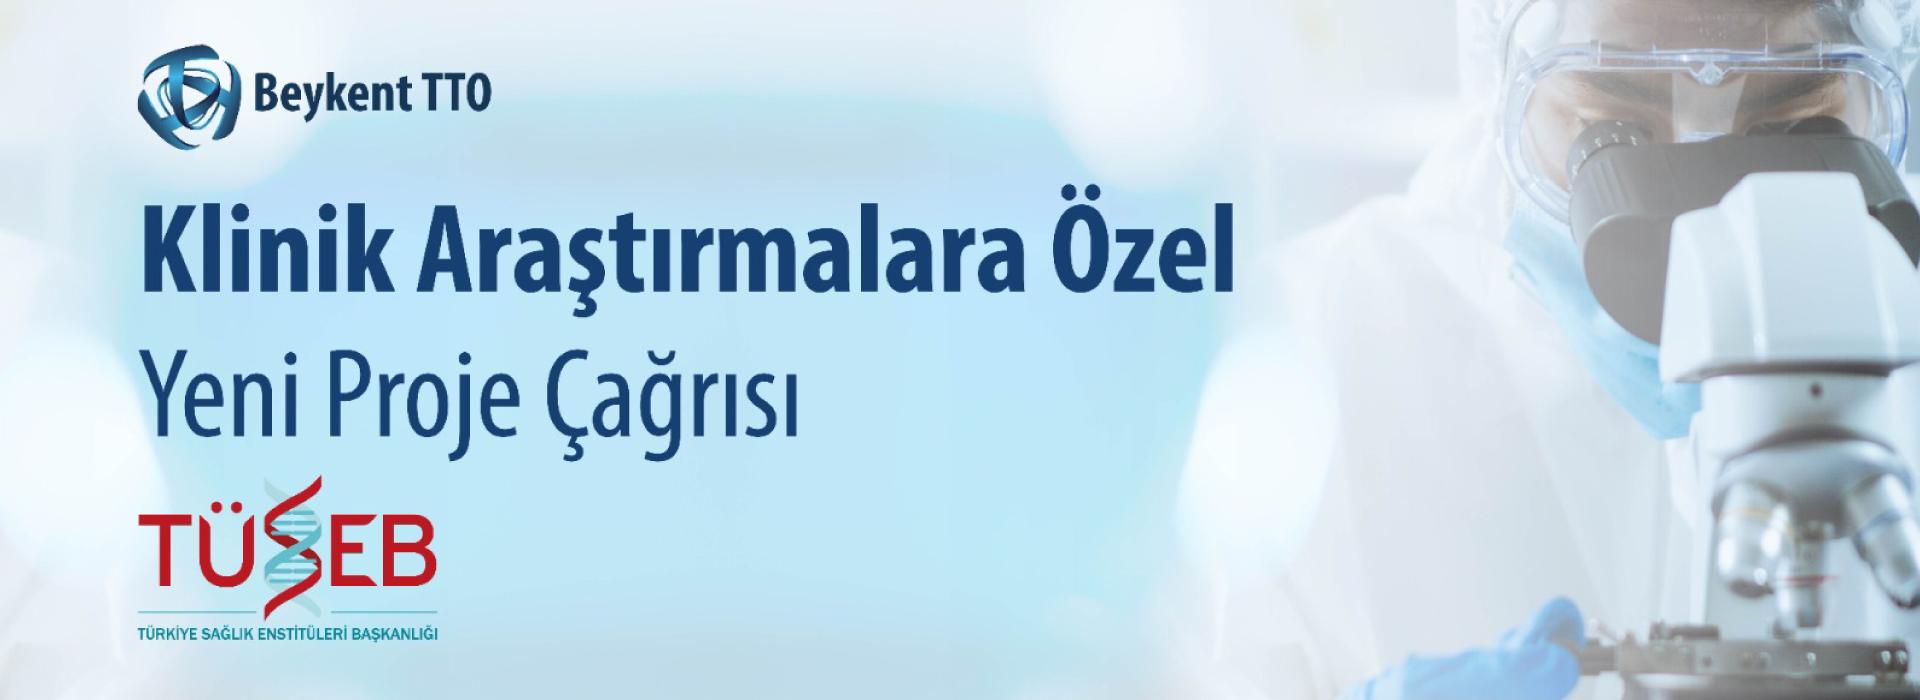 klinik-arastirmalara-ozel-yeni-proje-cagrisi-1920x700